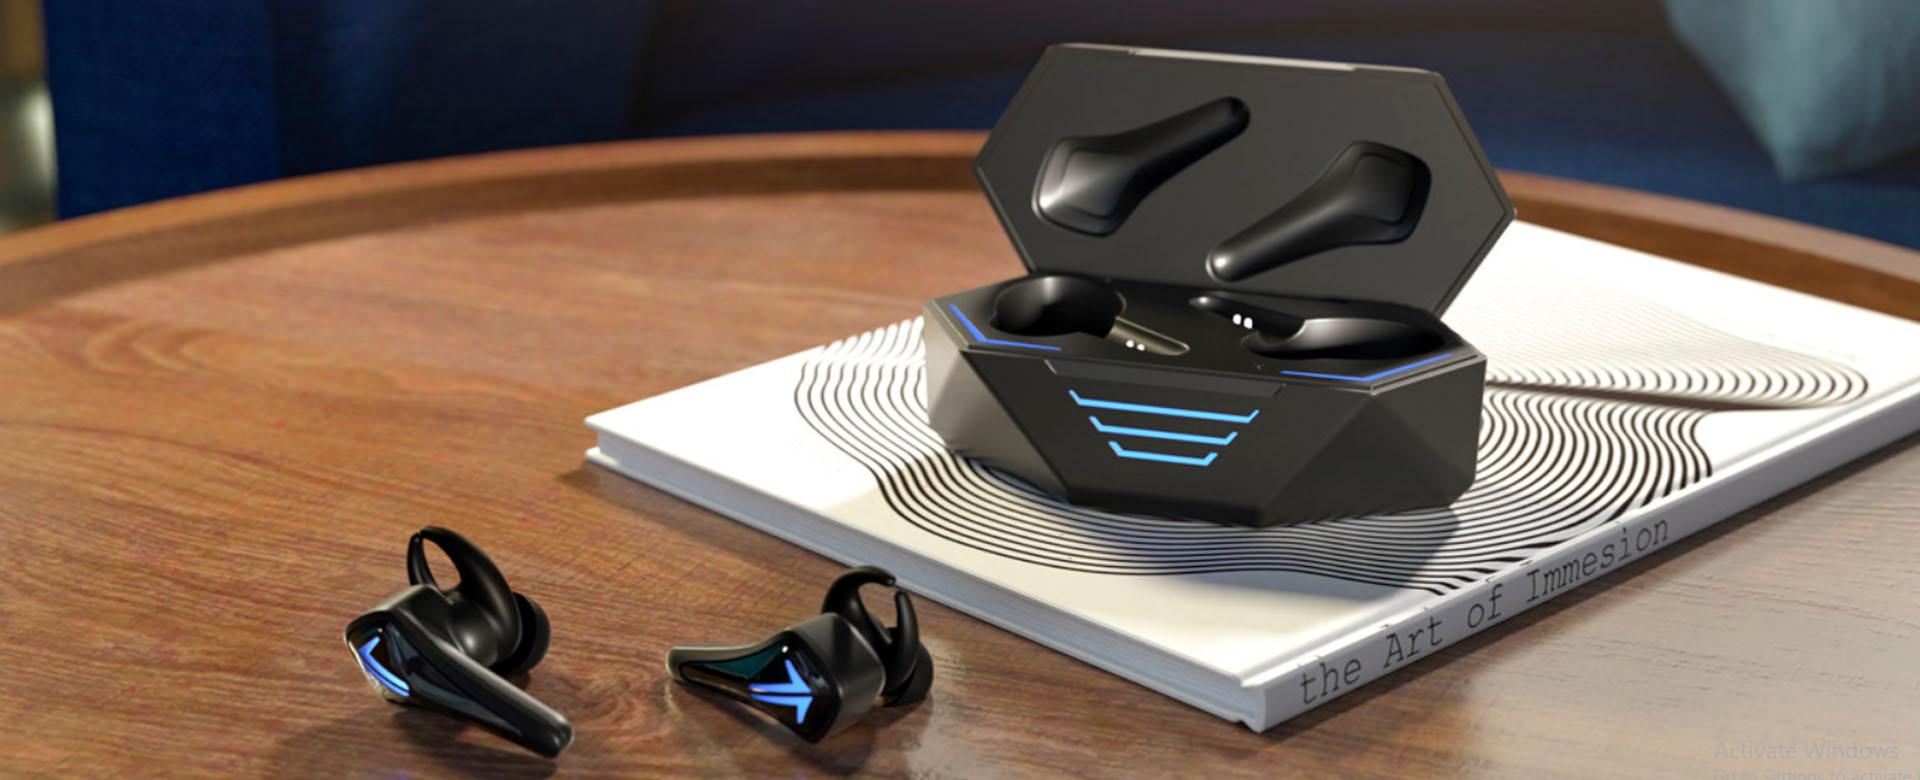 หูฟังไร้สาย Saramonic SR-BH60-B Gaming True Wireless ดีไหม